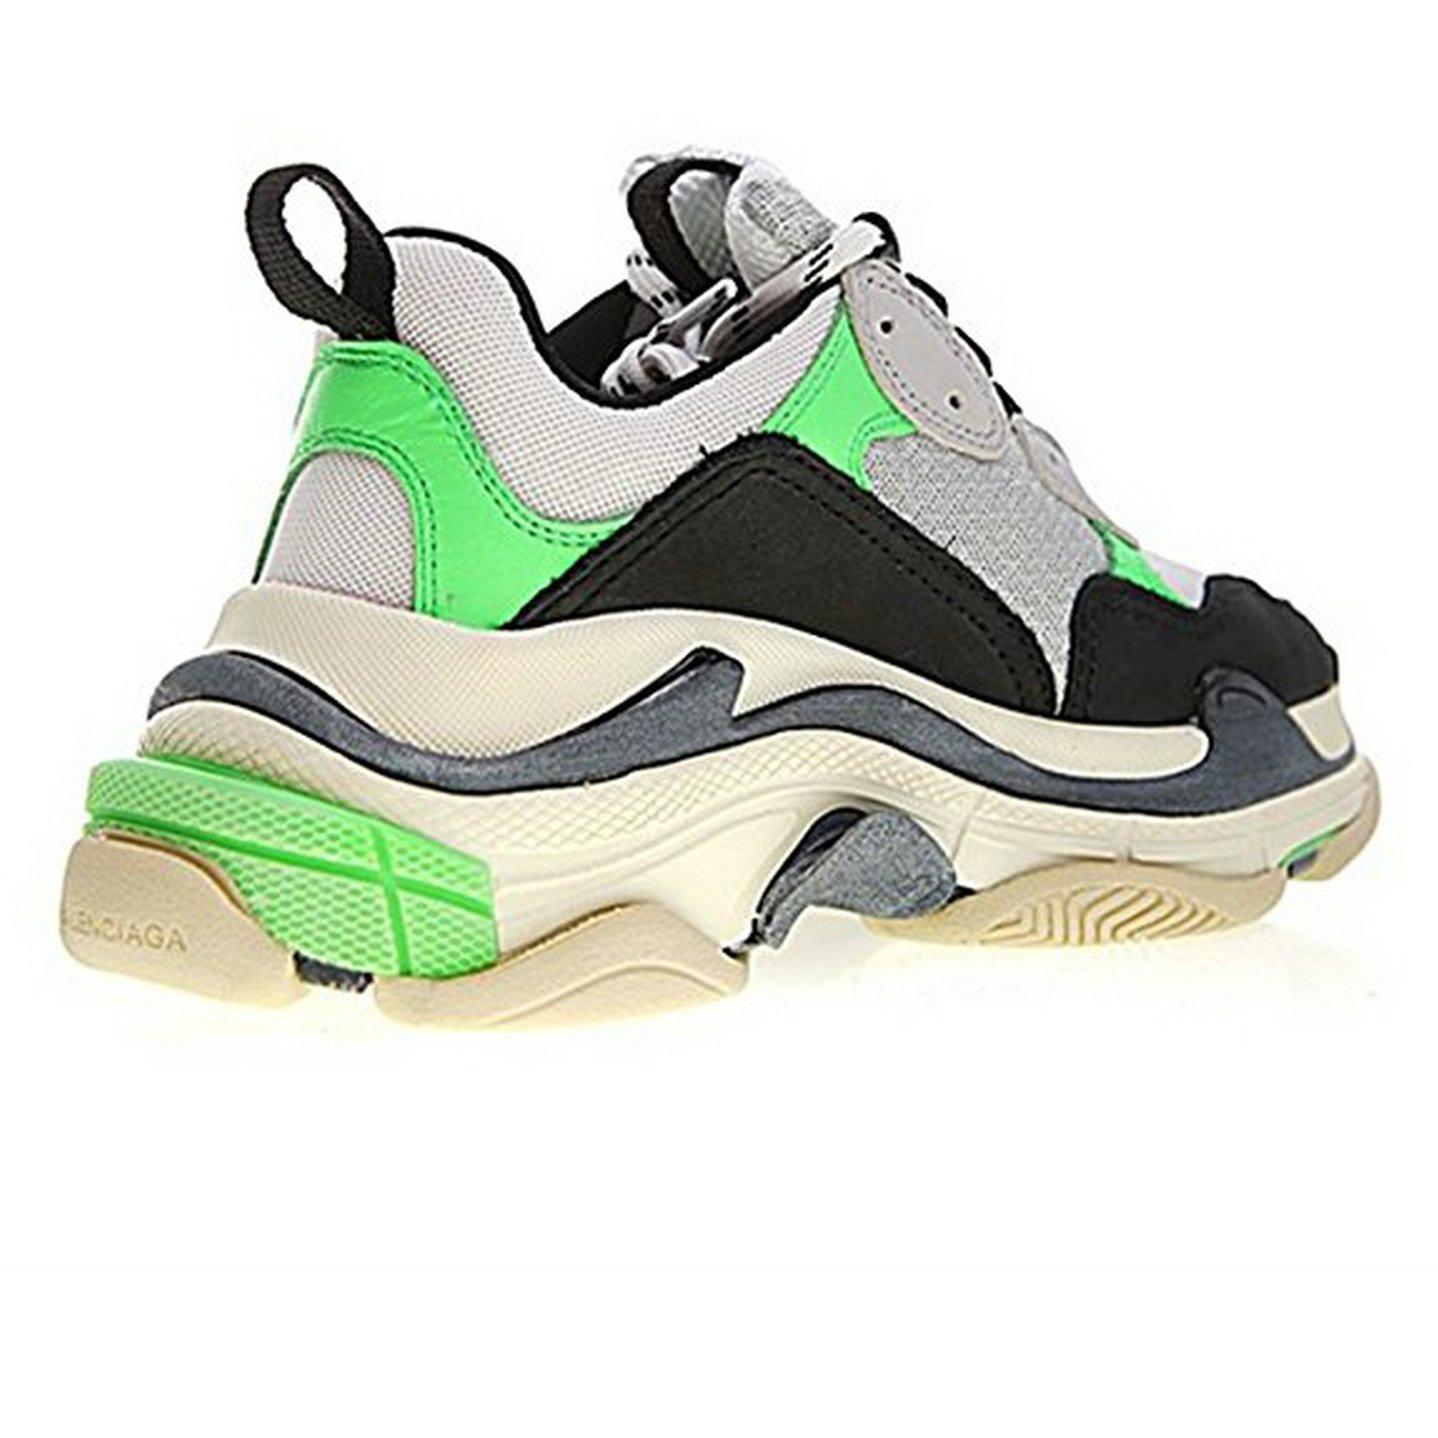 Balenciaga Triple S Sneakers Mr. Porter Neon Green Unisex Hombre Mujer Balenciaga Zapatillas: Amazon.es: Zapatos y complementos